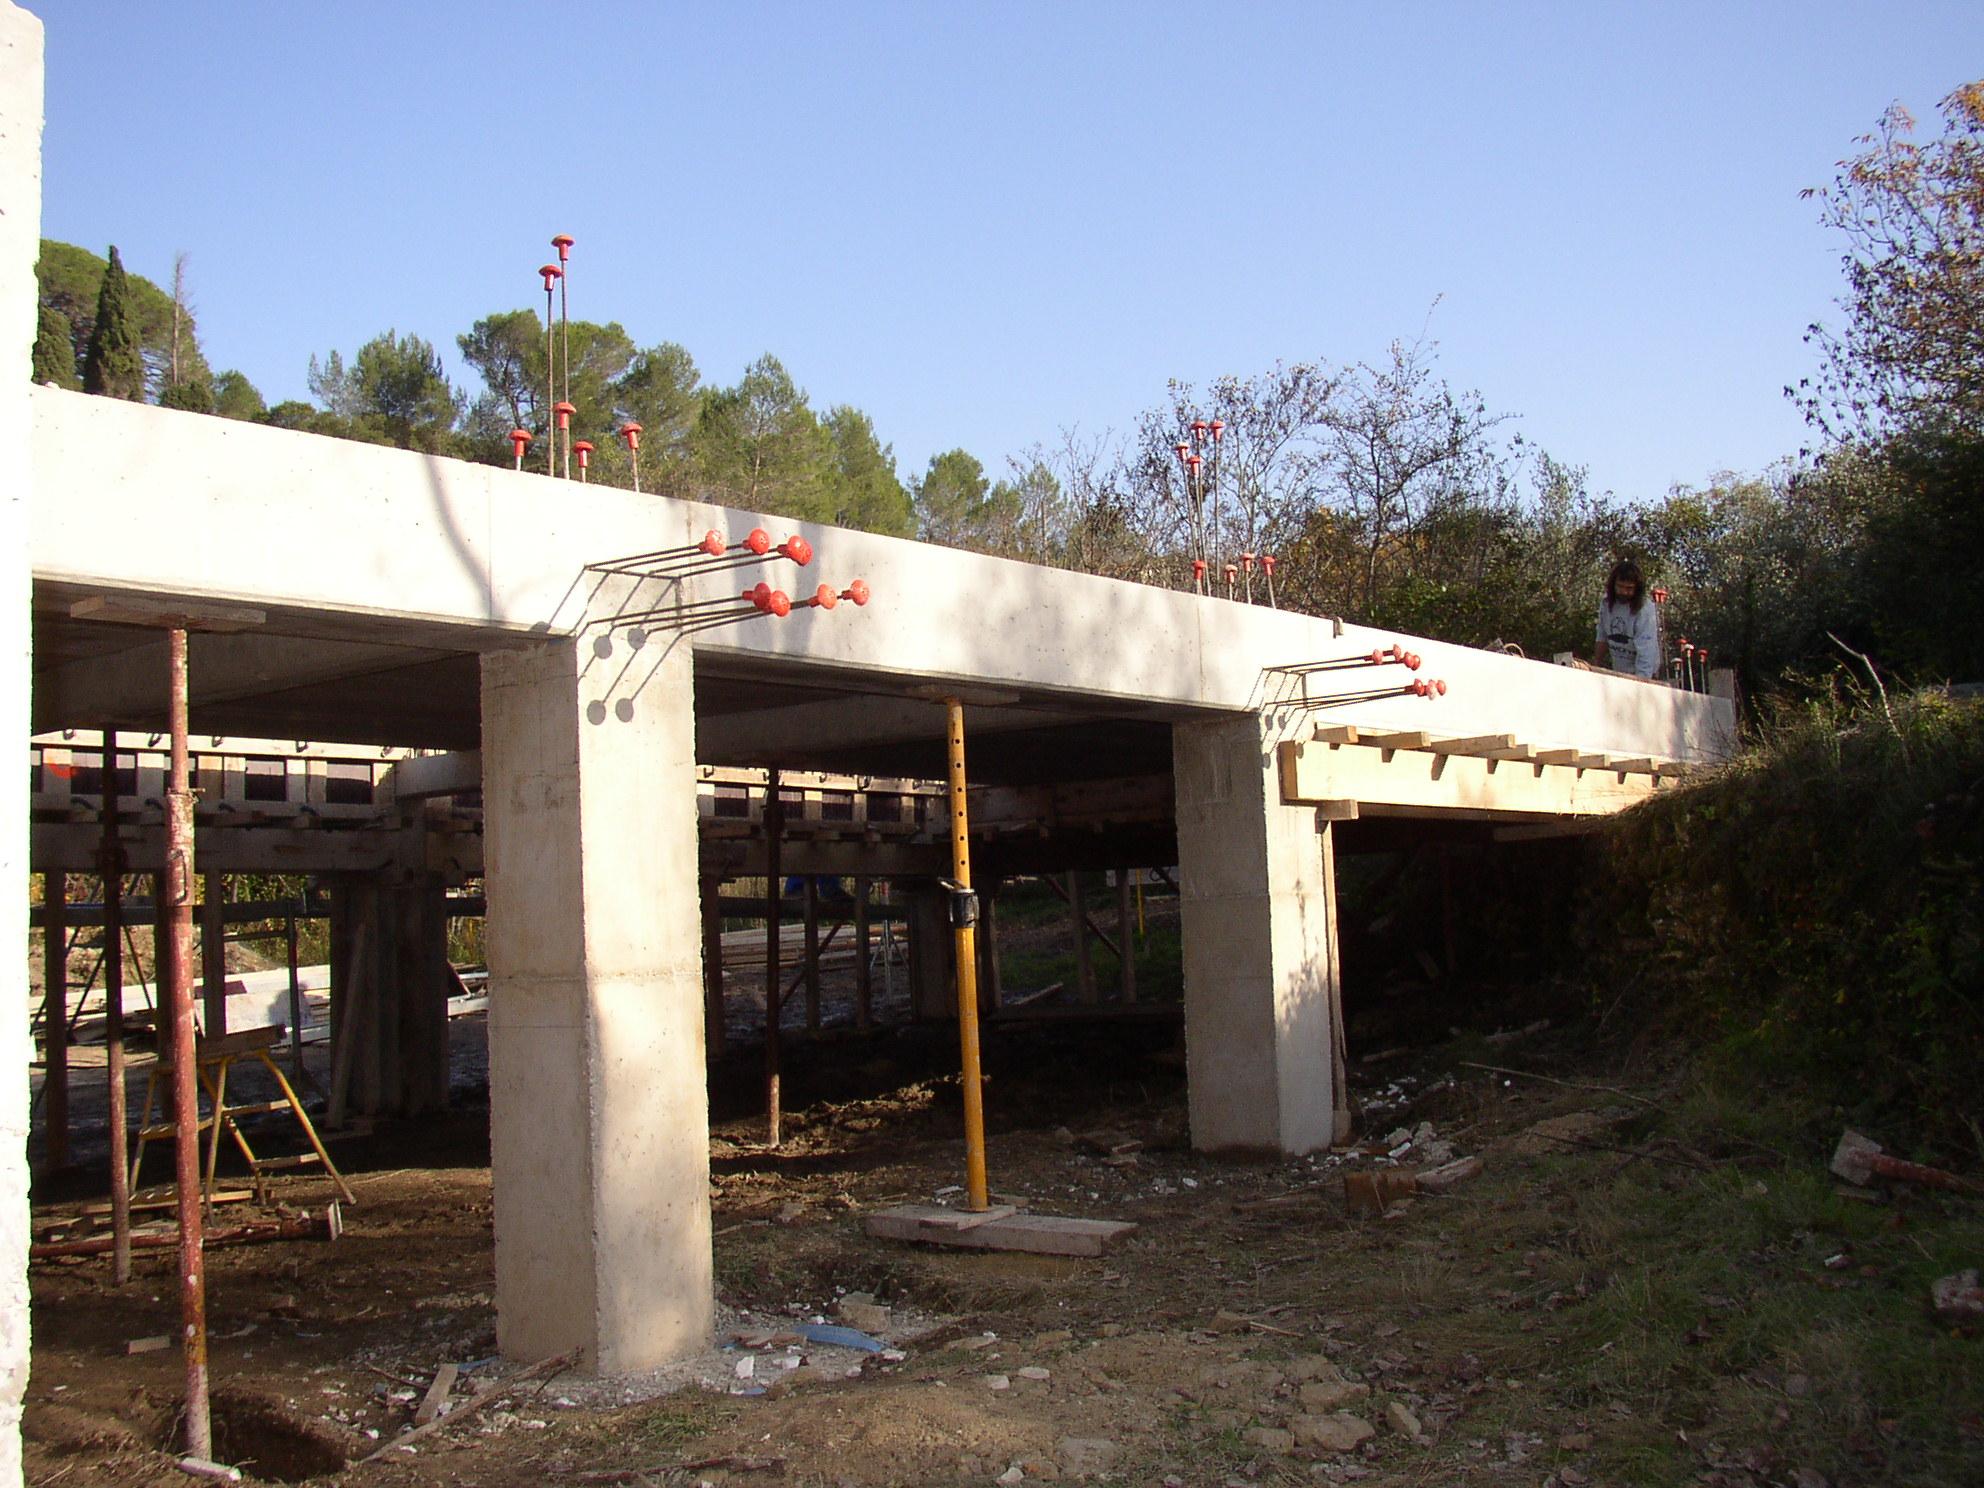 Desportes Rénovation Gard : Sommières maison en pierres massives. Poteaux poutres en béton. Plancher dalle pleine